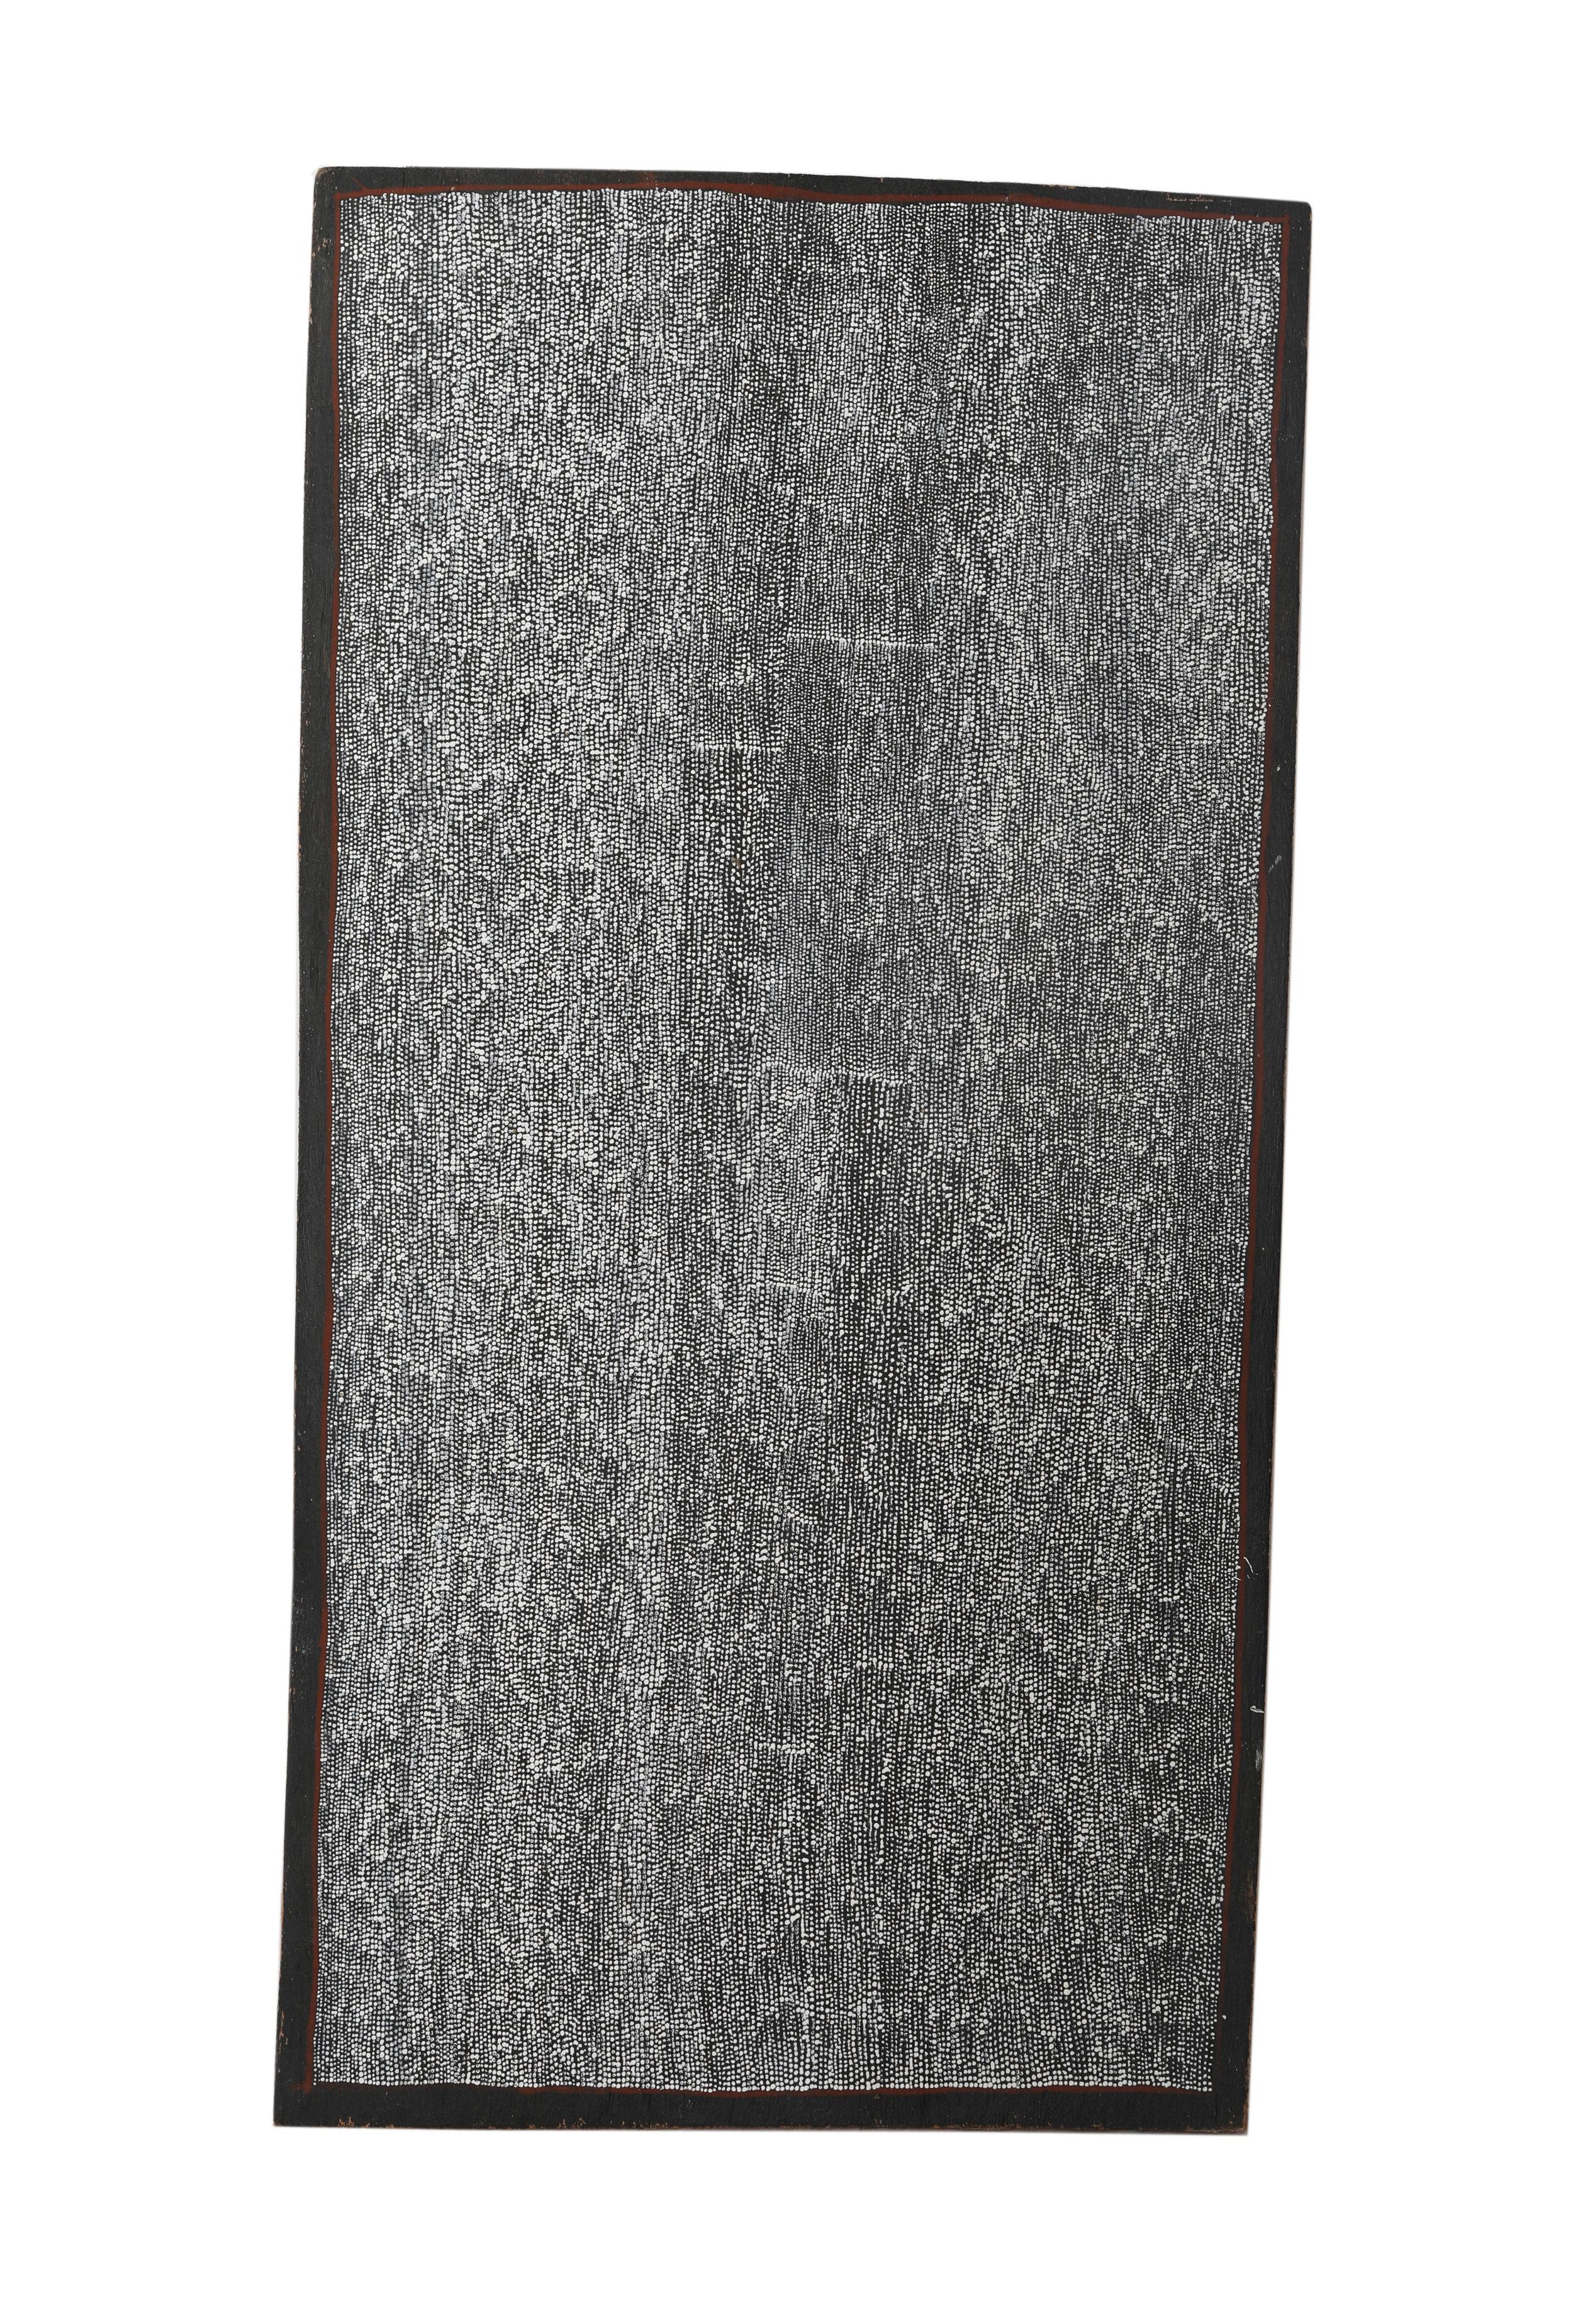 Owen Yalandja  Ngalkodjek Yawkyawk  Natural pigment on bark 21 x 42cm Maningrida Catalog #901-19  EMAIL INQUIRY